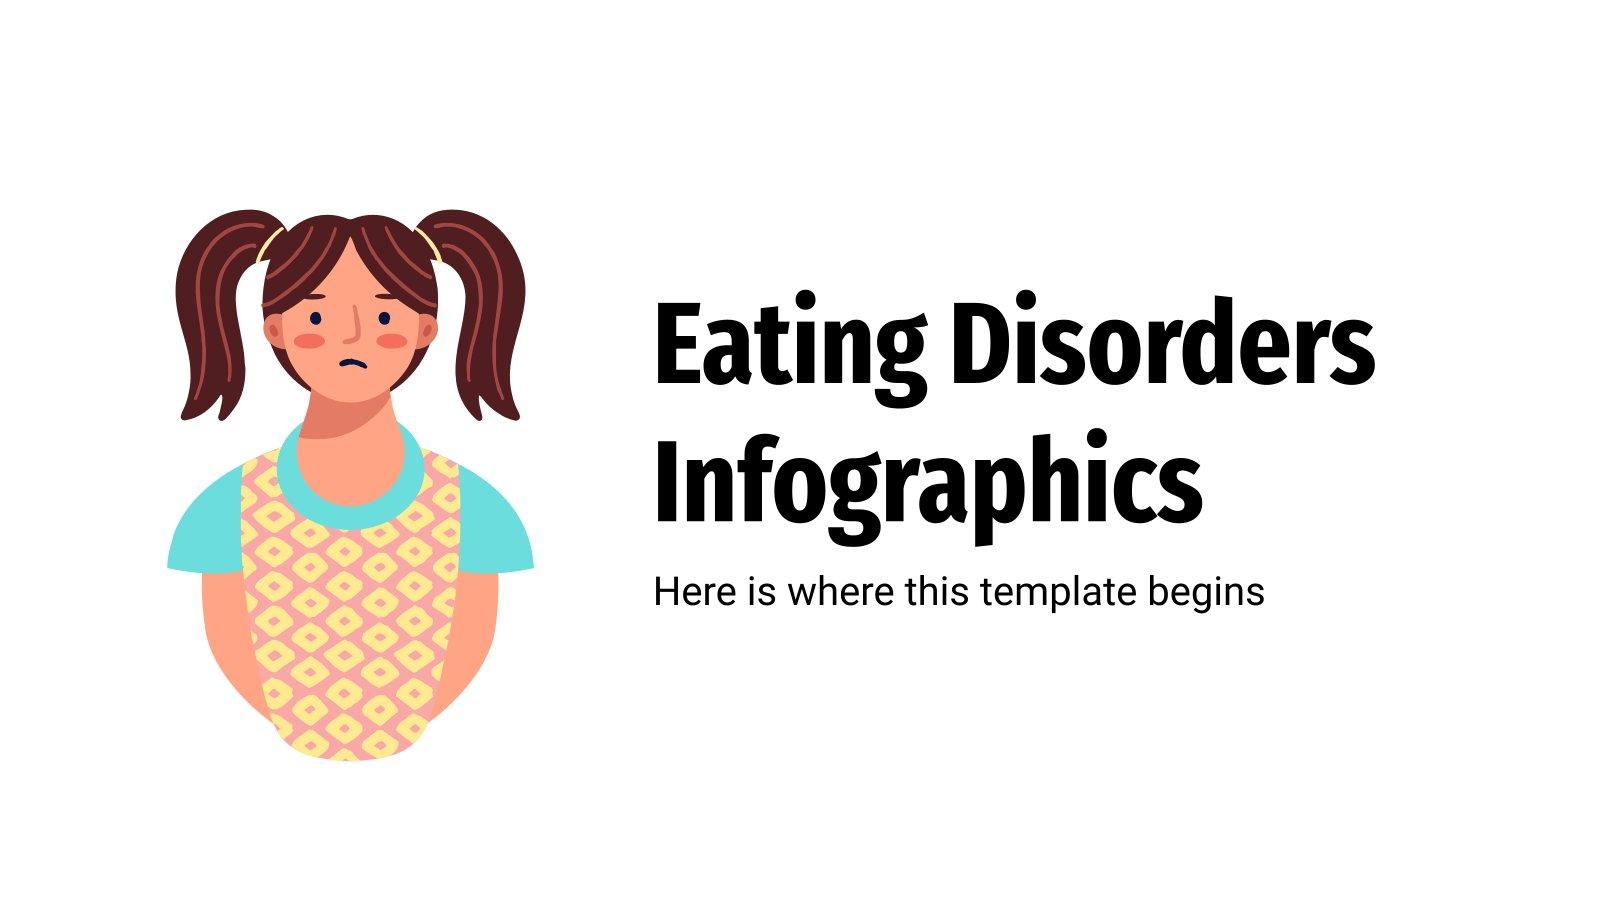 Modelo de apresentação Infográficos de transtornos alimentares